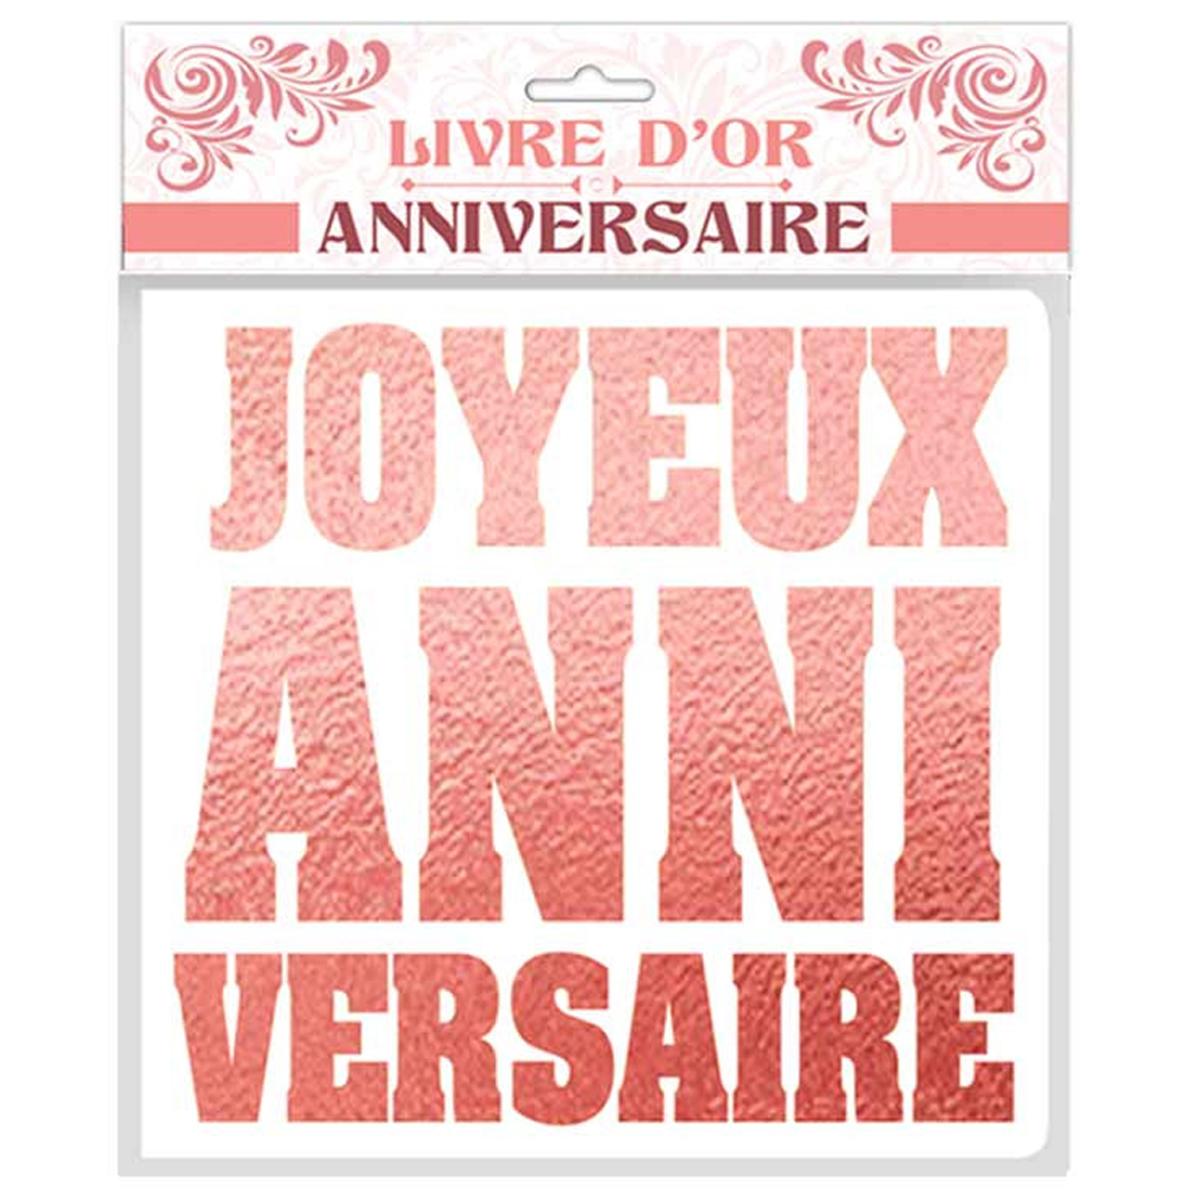 Livre d\'or \'Joyeux Anniversaire\' rosé blanc - 25x28 cm - [Q9539]